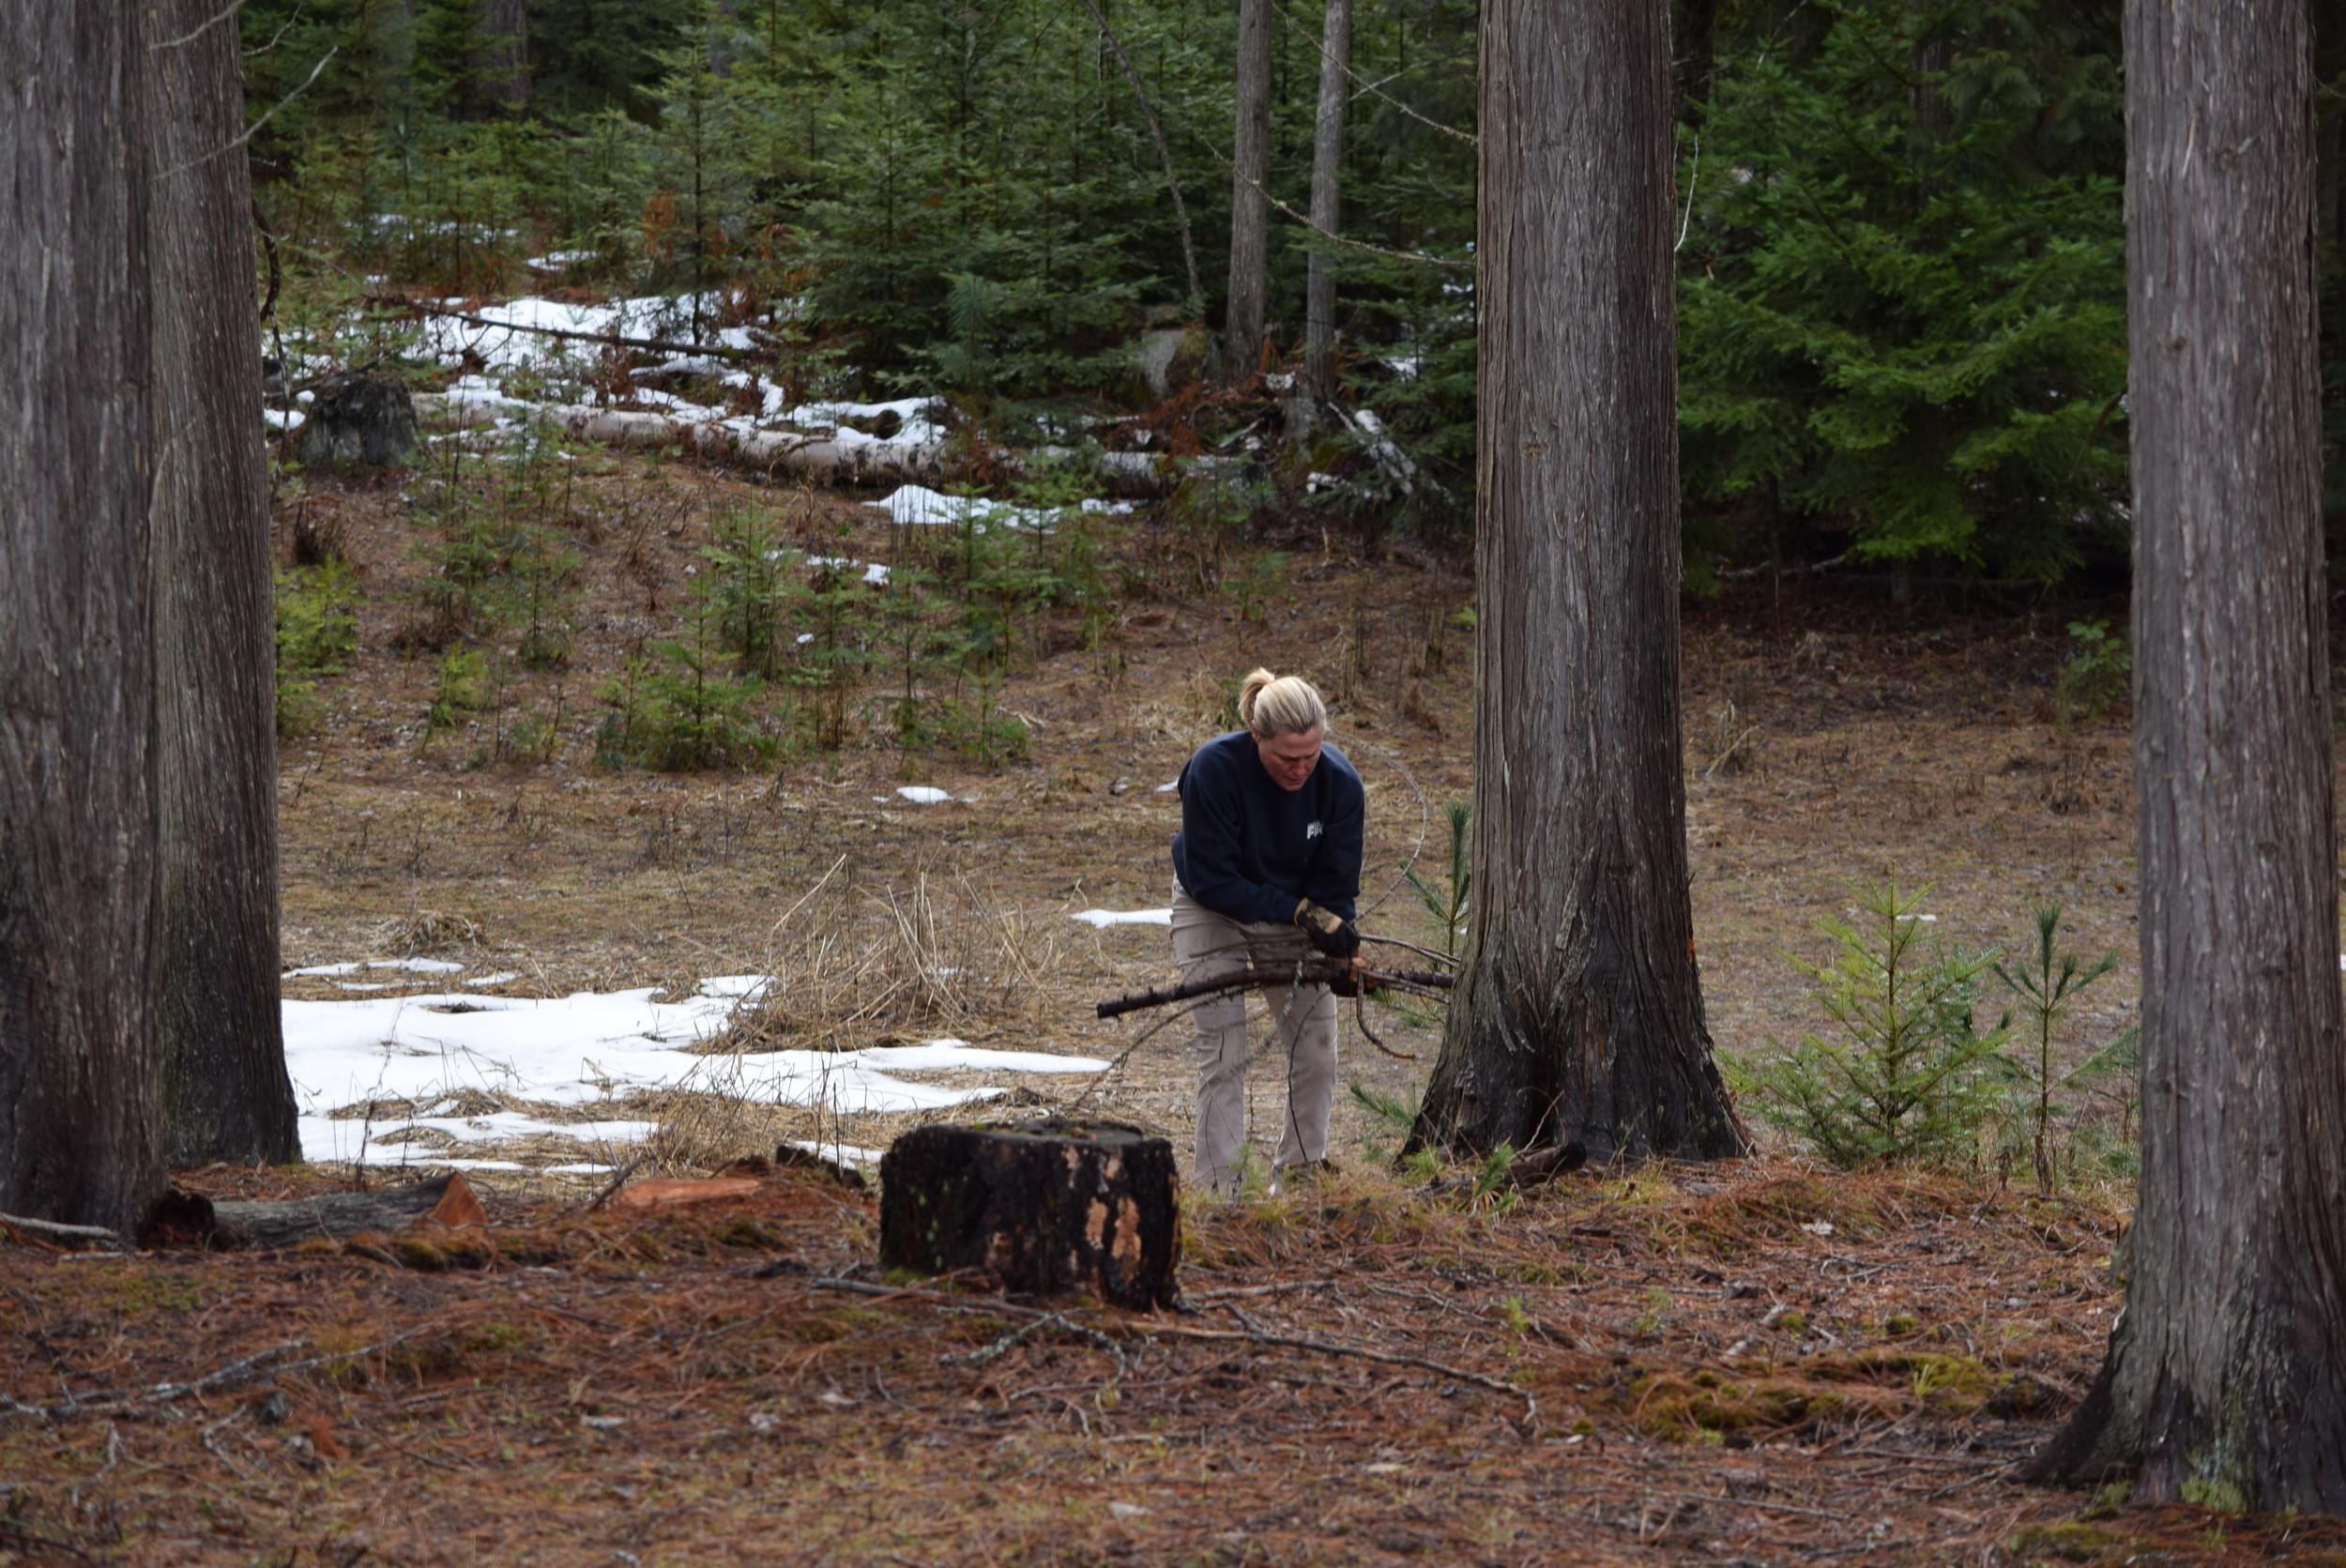 Picking up sticks.